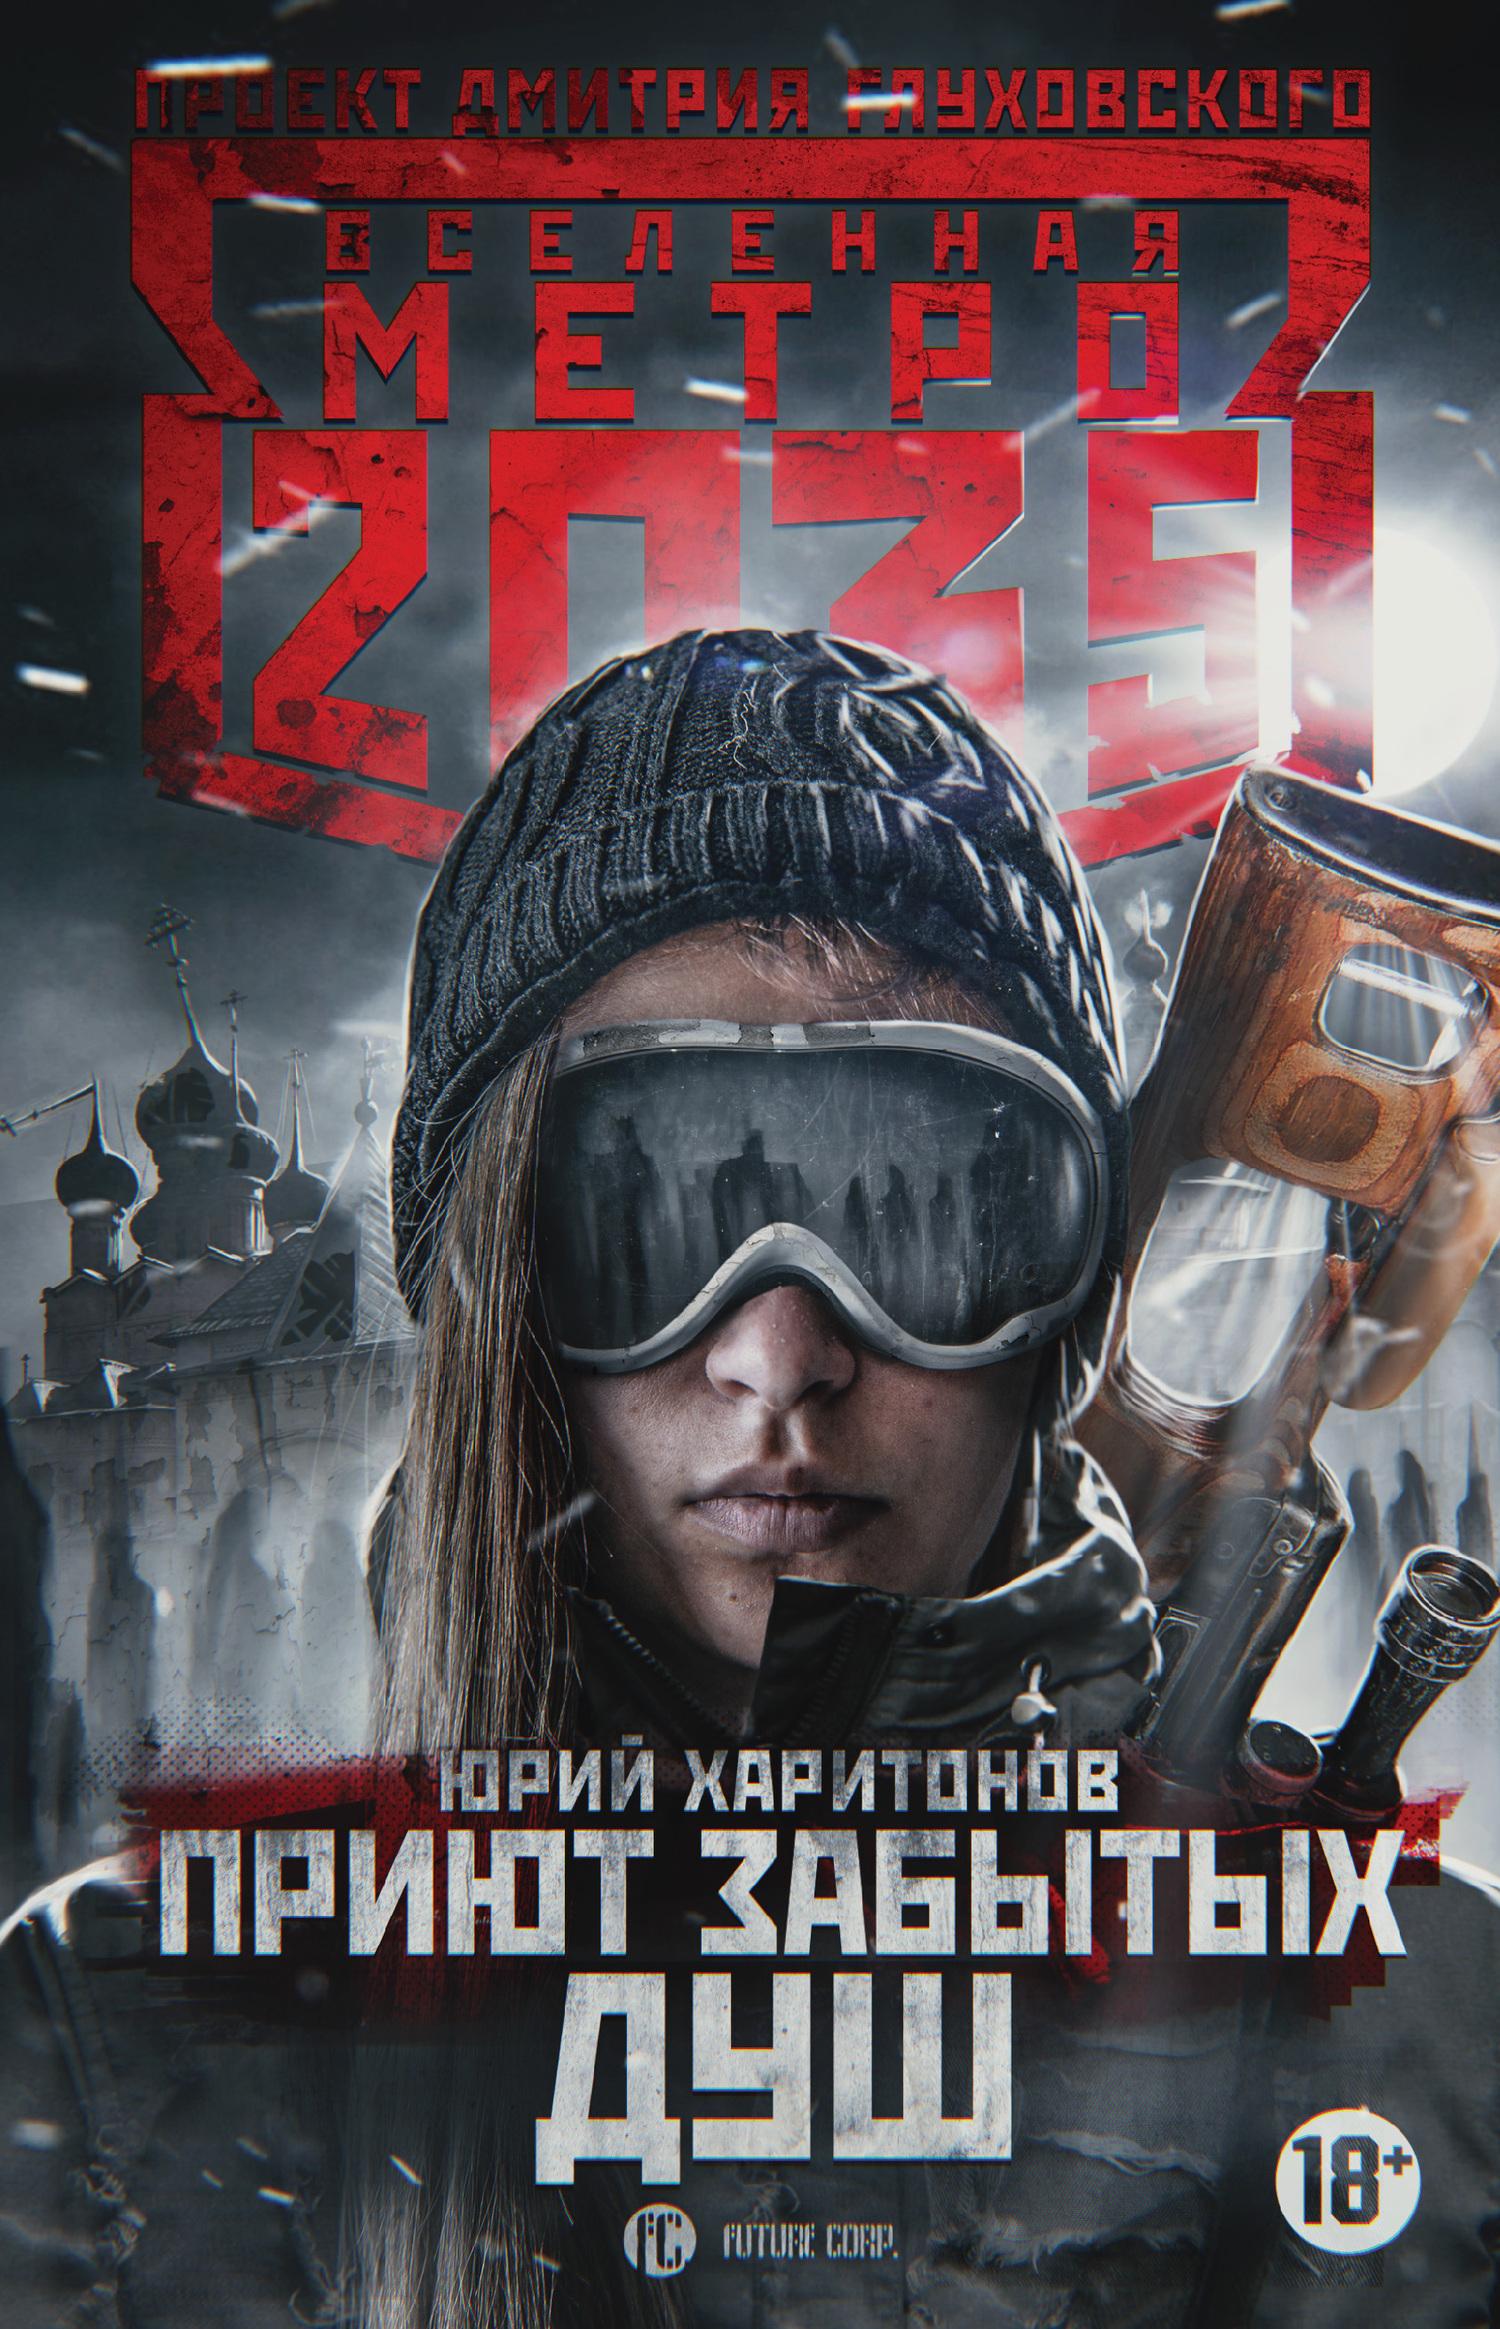 Юрий Харитонов Метро 2035: Приют забытых душ ру м приют похитители костей